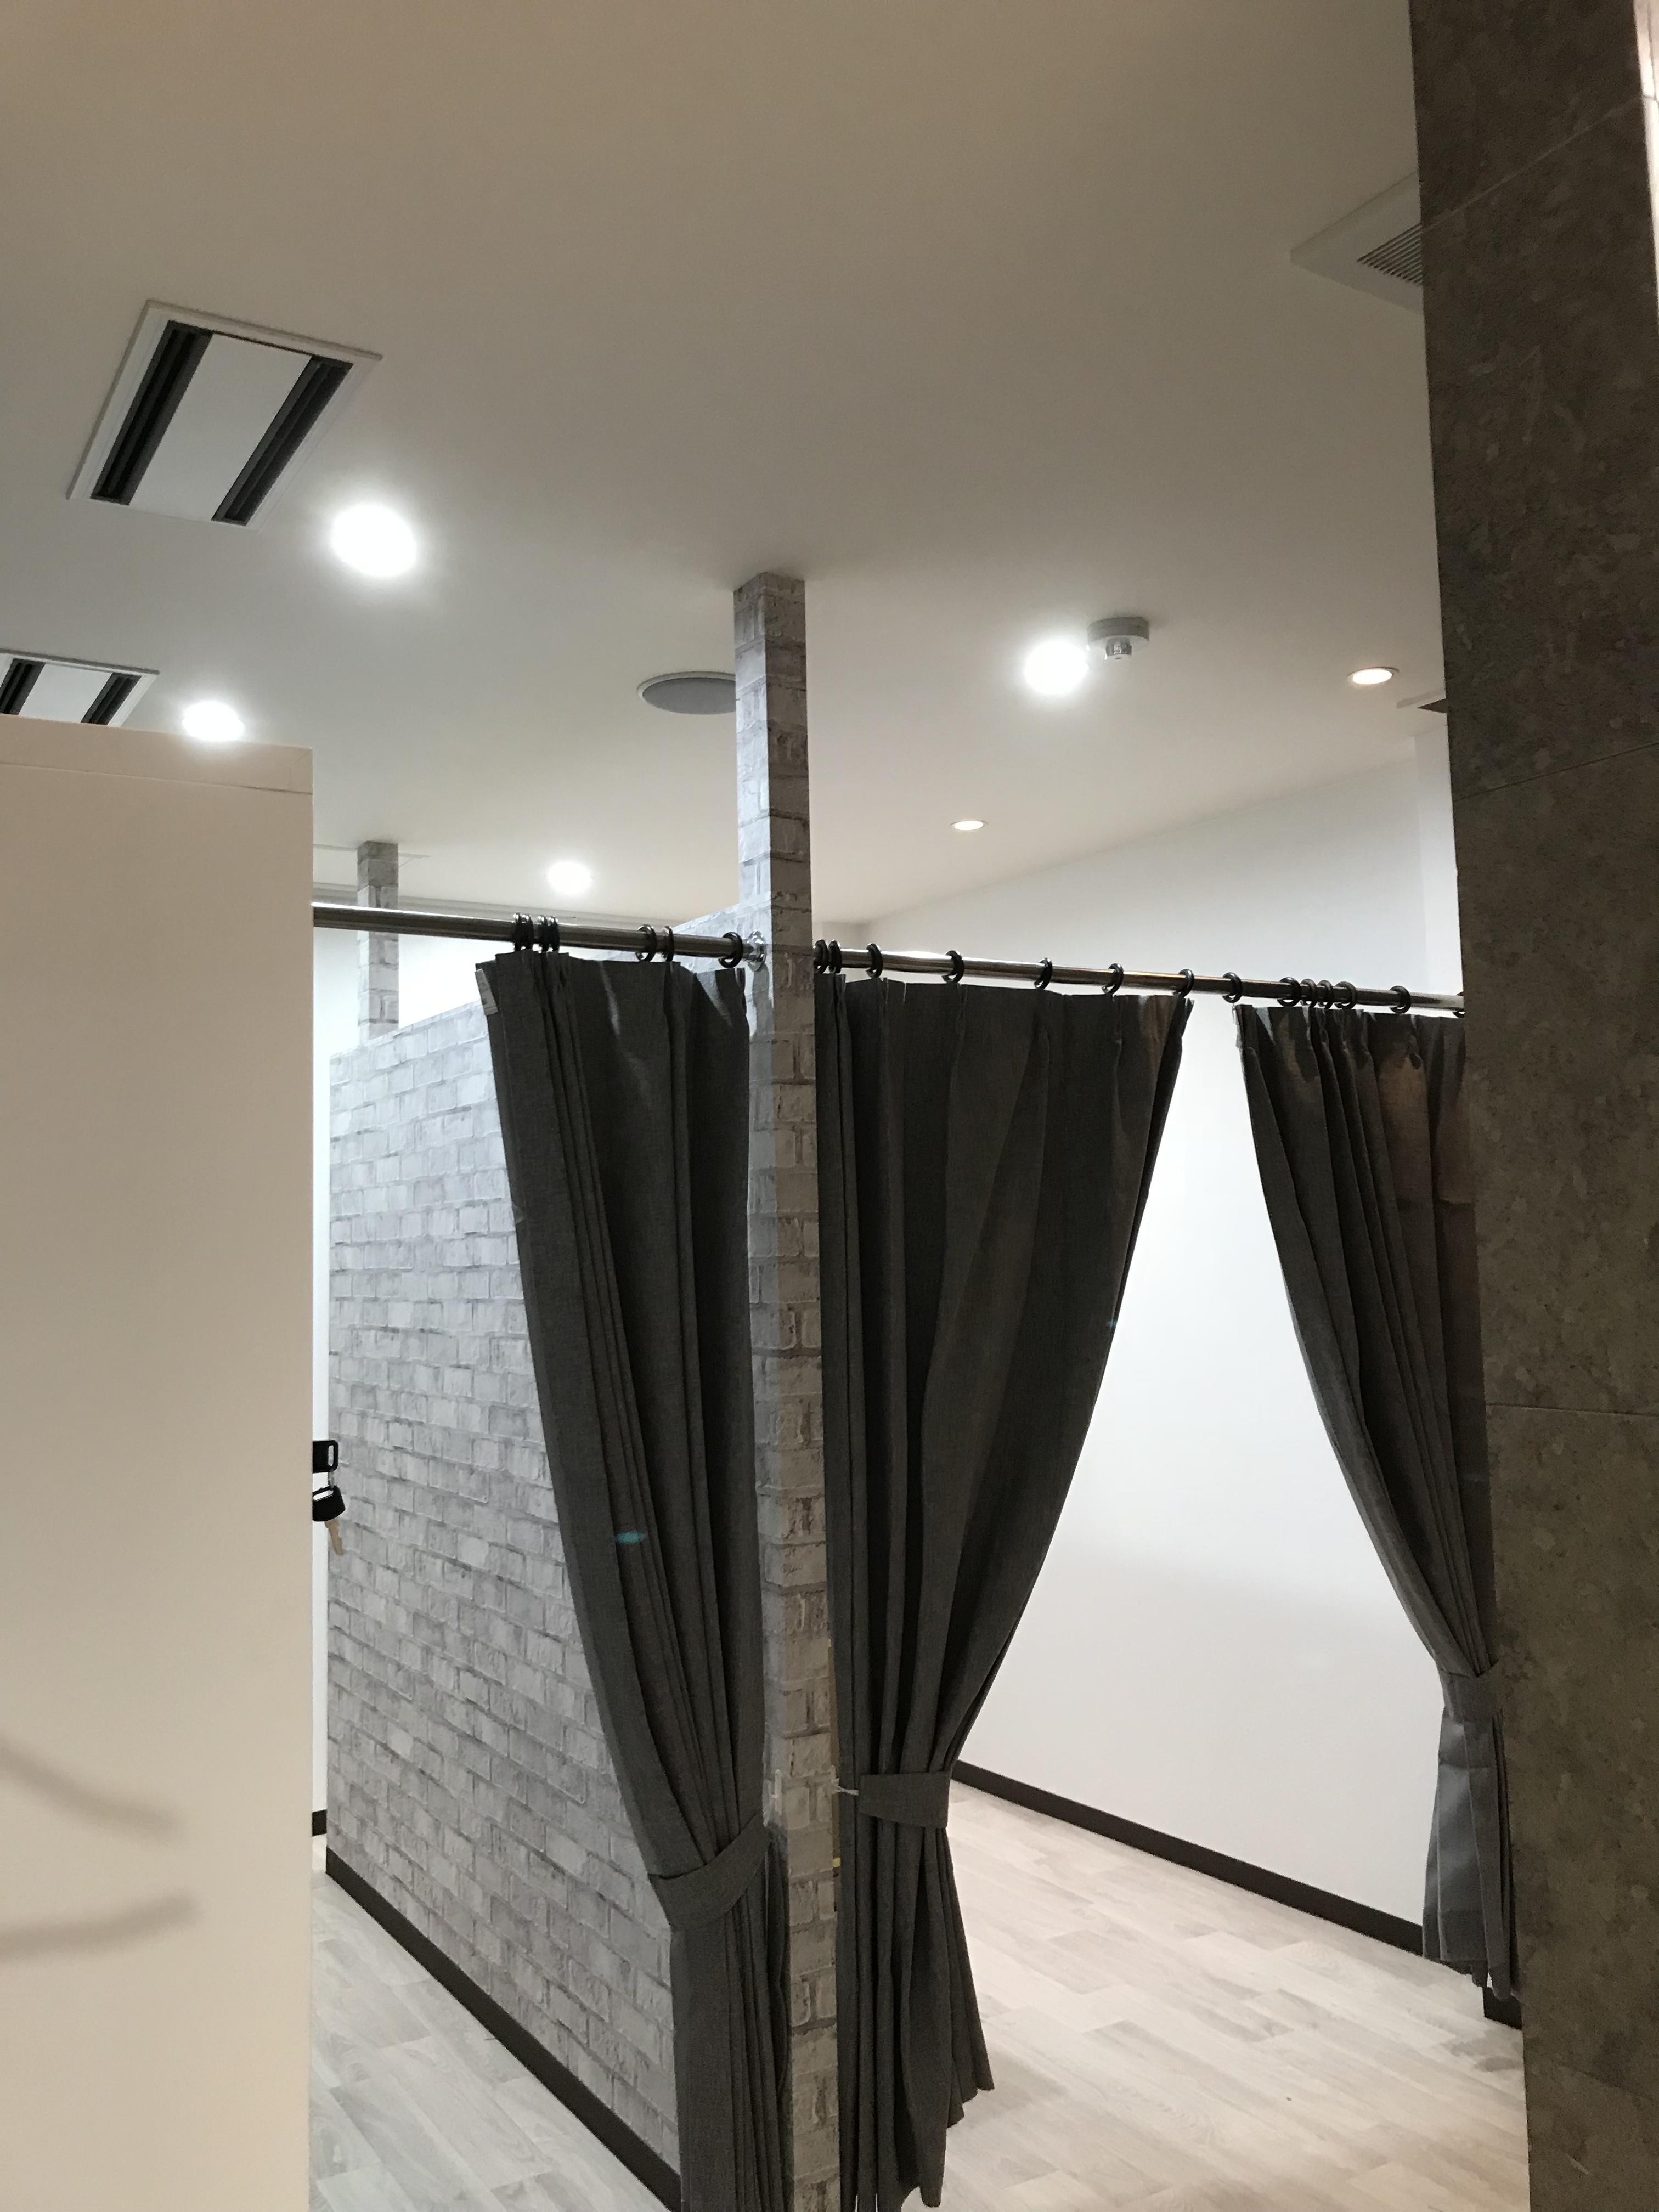 松江 店舗サロン リフォーム改装工事